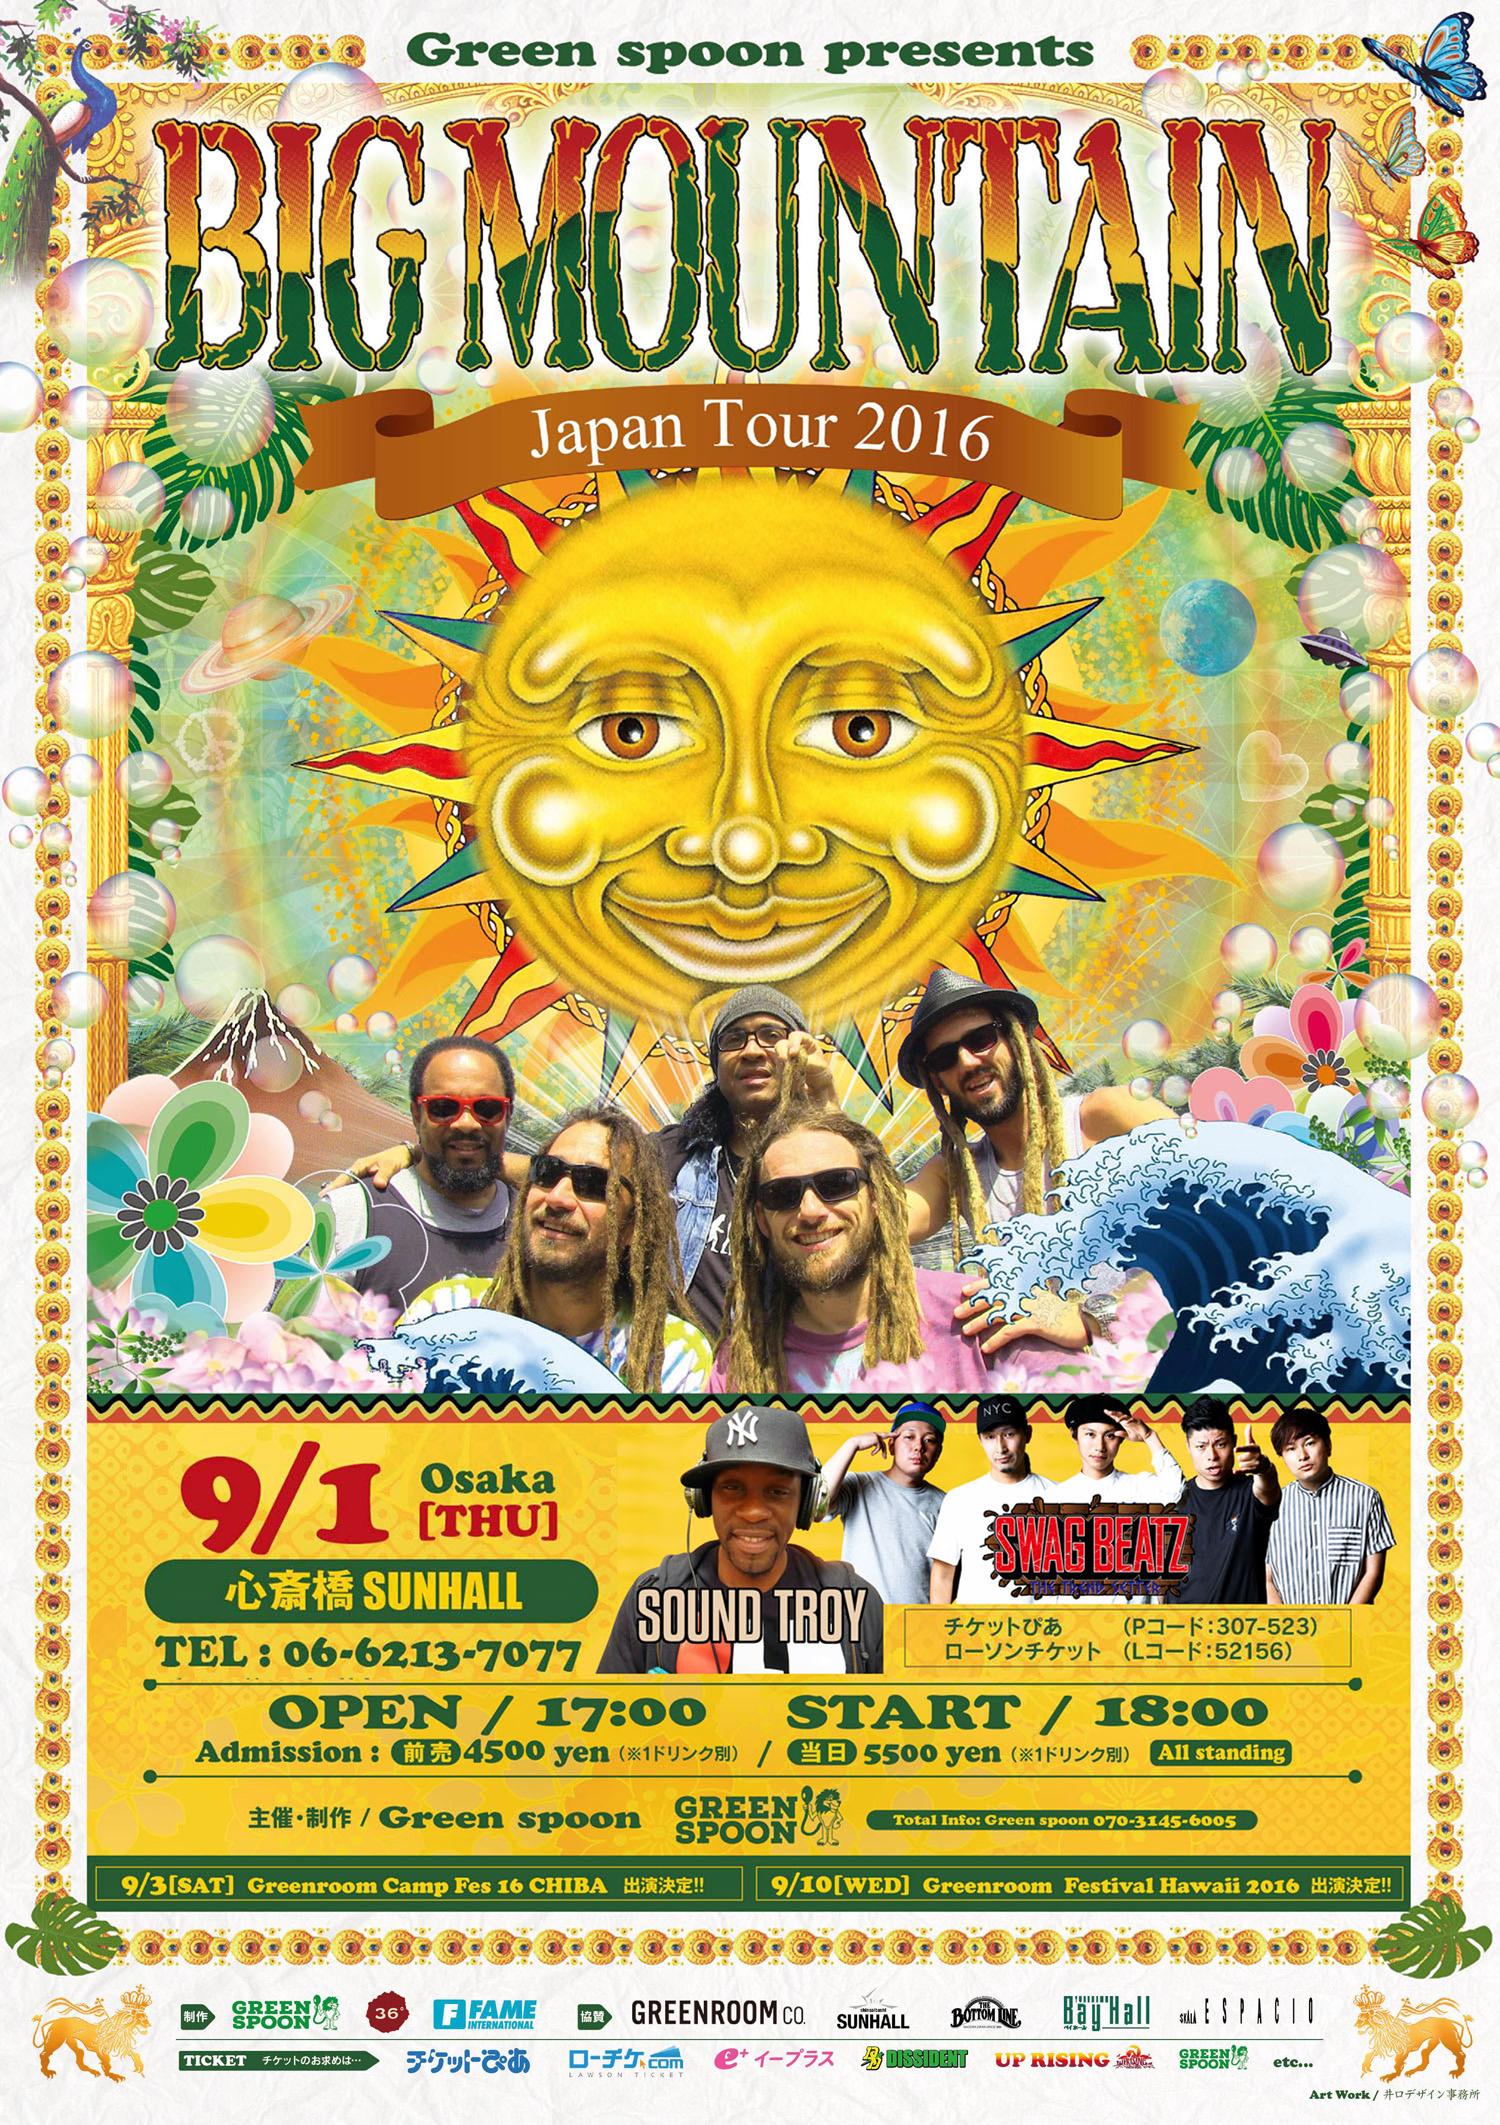 Big Mountain Japan Tour 2016